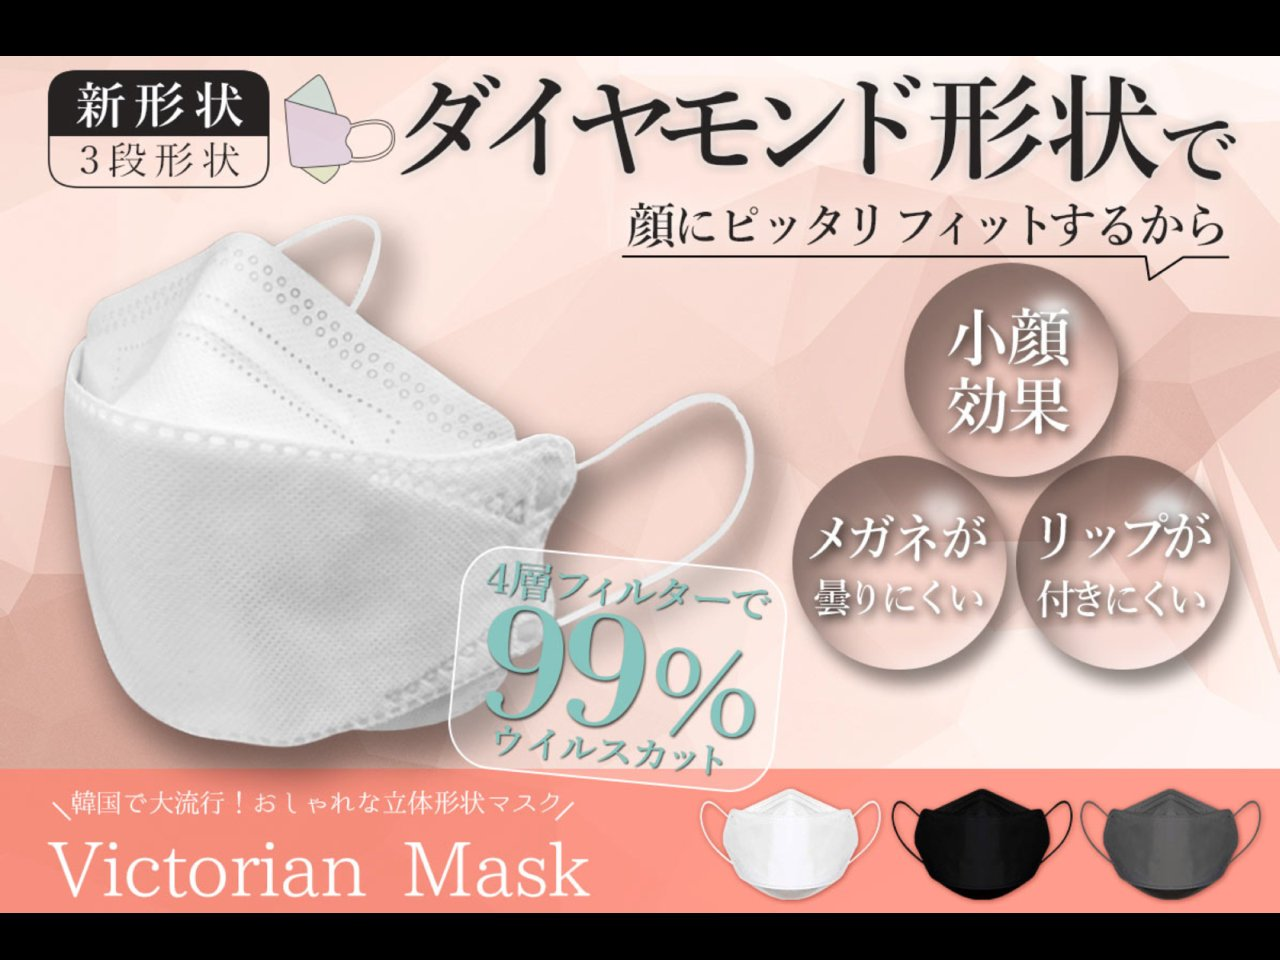 人間工学に基づいて作られた新形状マスク『Victorian